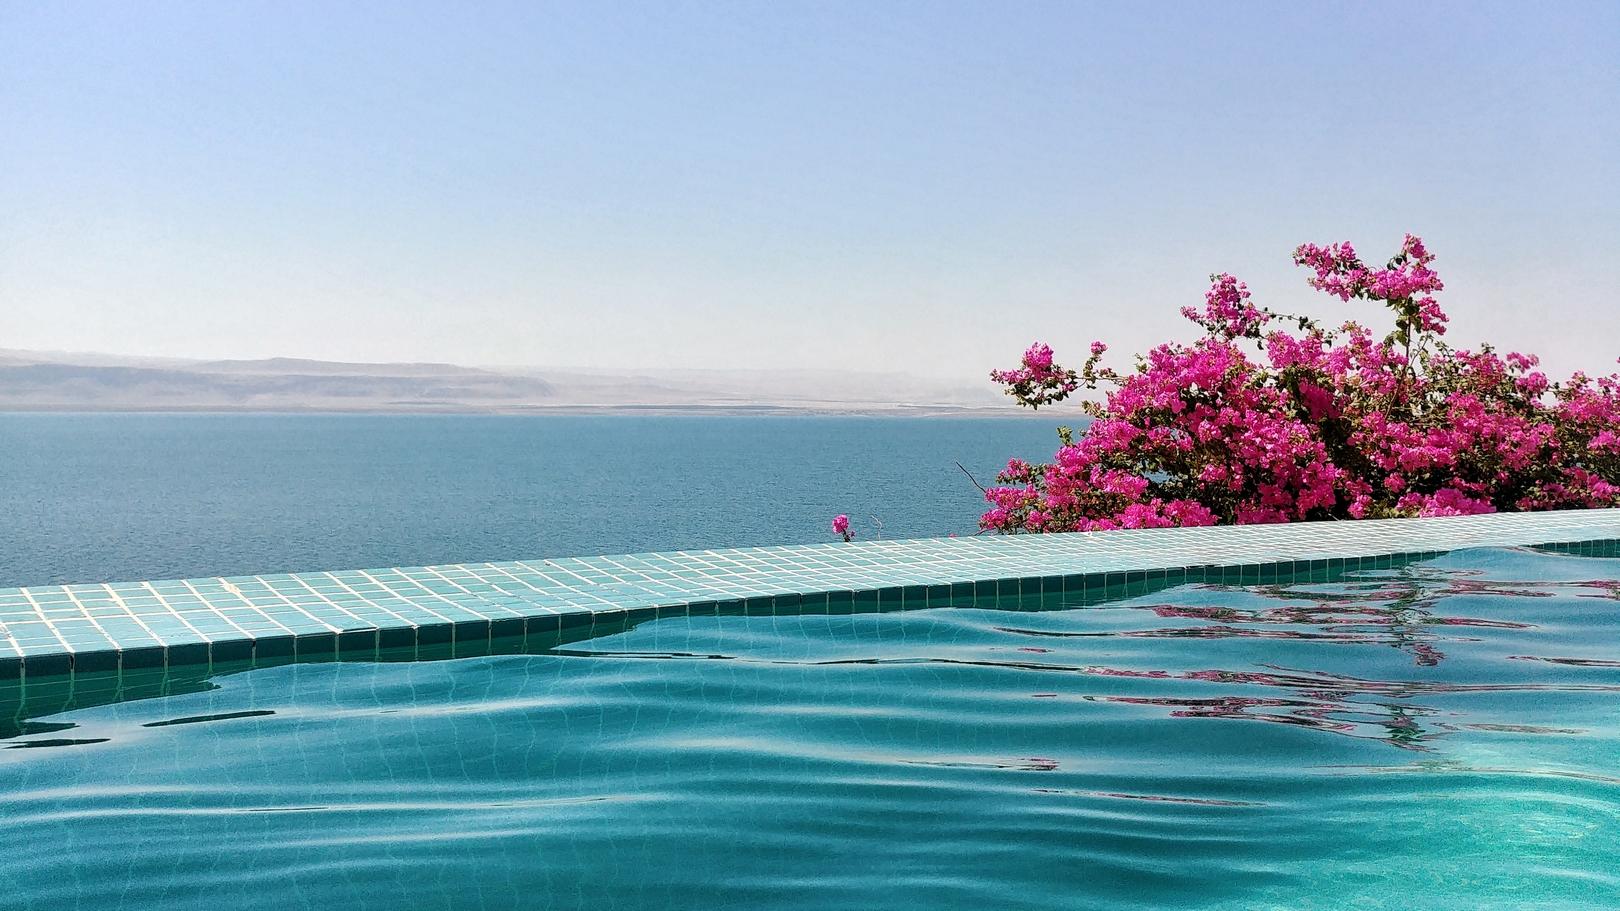 Jordanie - Baignade dans la Mer morte